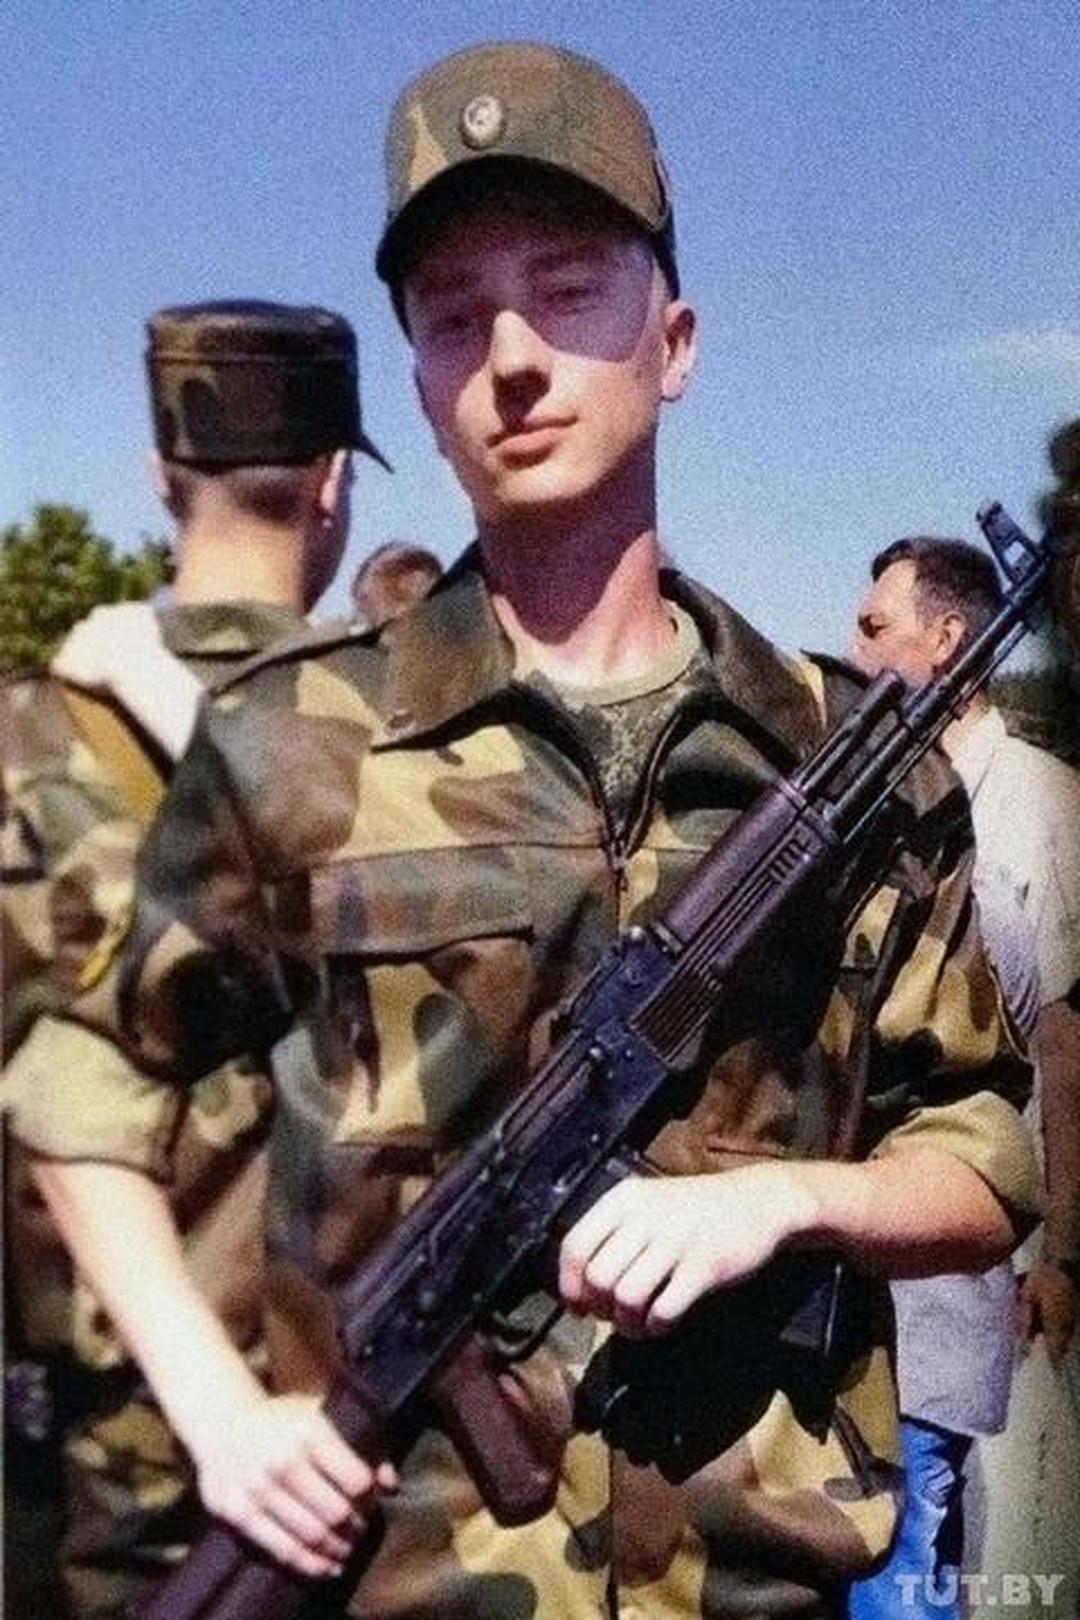 «Плачет. Значит, понимает меня». История солдата, который после ЧП в армии 7 месяцев усыхает в госпитале